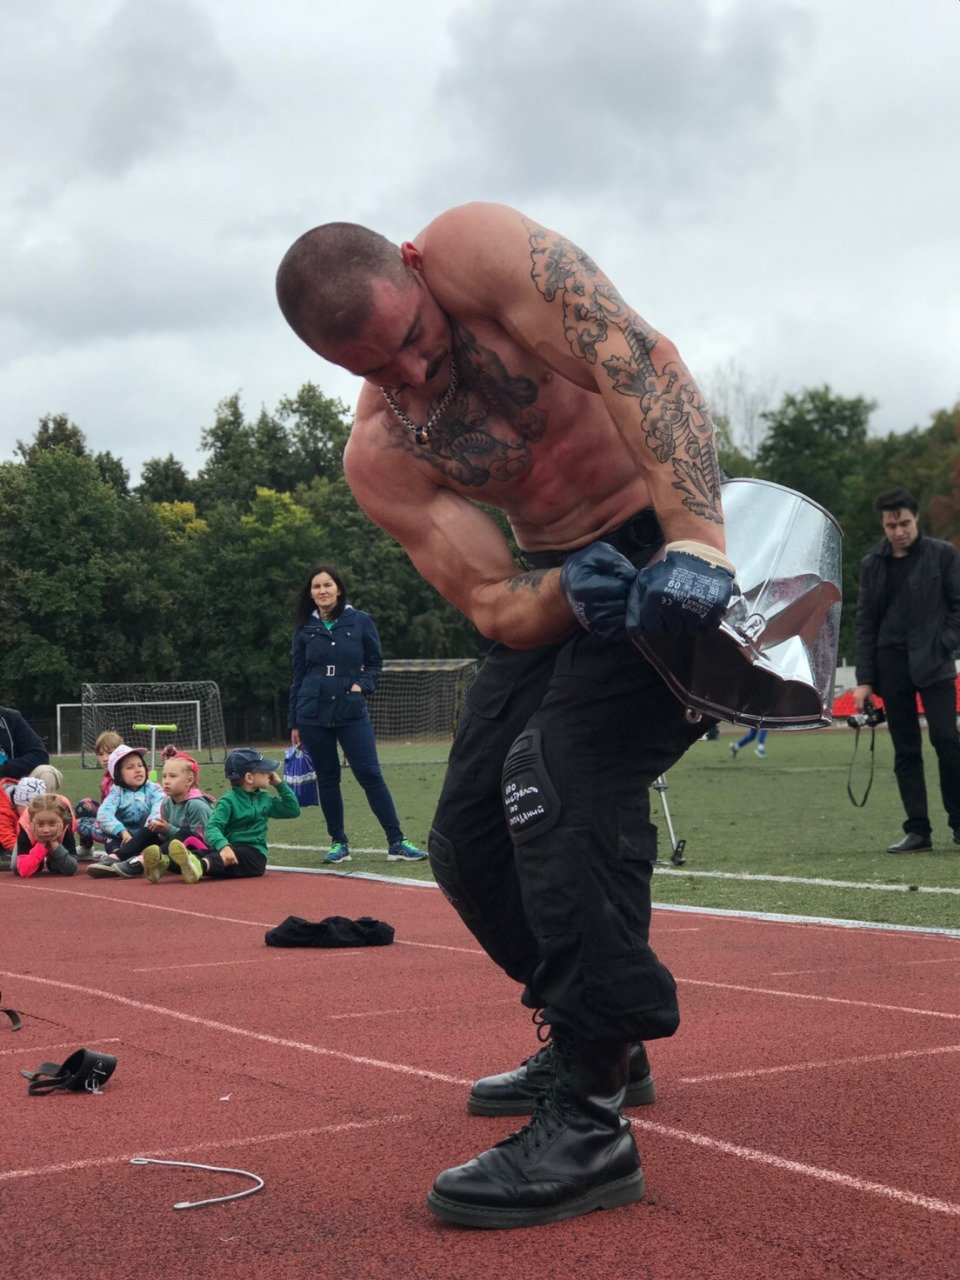 В Белгородскую область на фестиваль спорта приедут мировые звёзды, фото-1